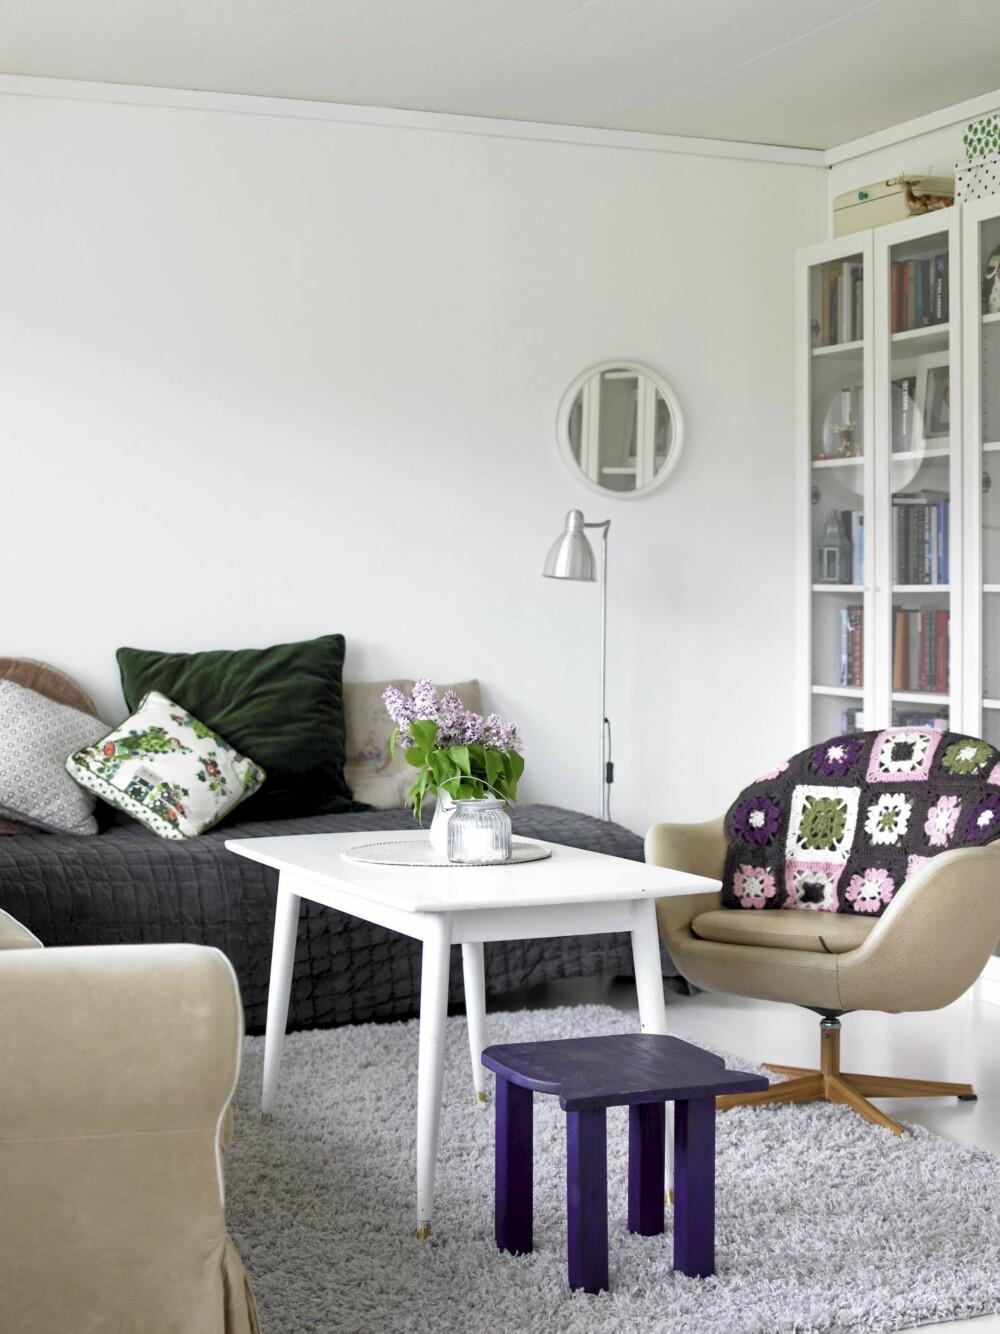 FARGERIKE TEKSTILER: Innred med fargerike tekstiler - det er en rimelig måte å fornye et interiør på.